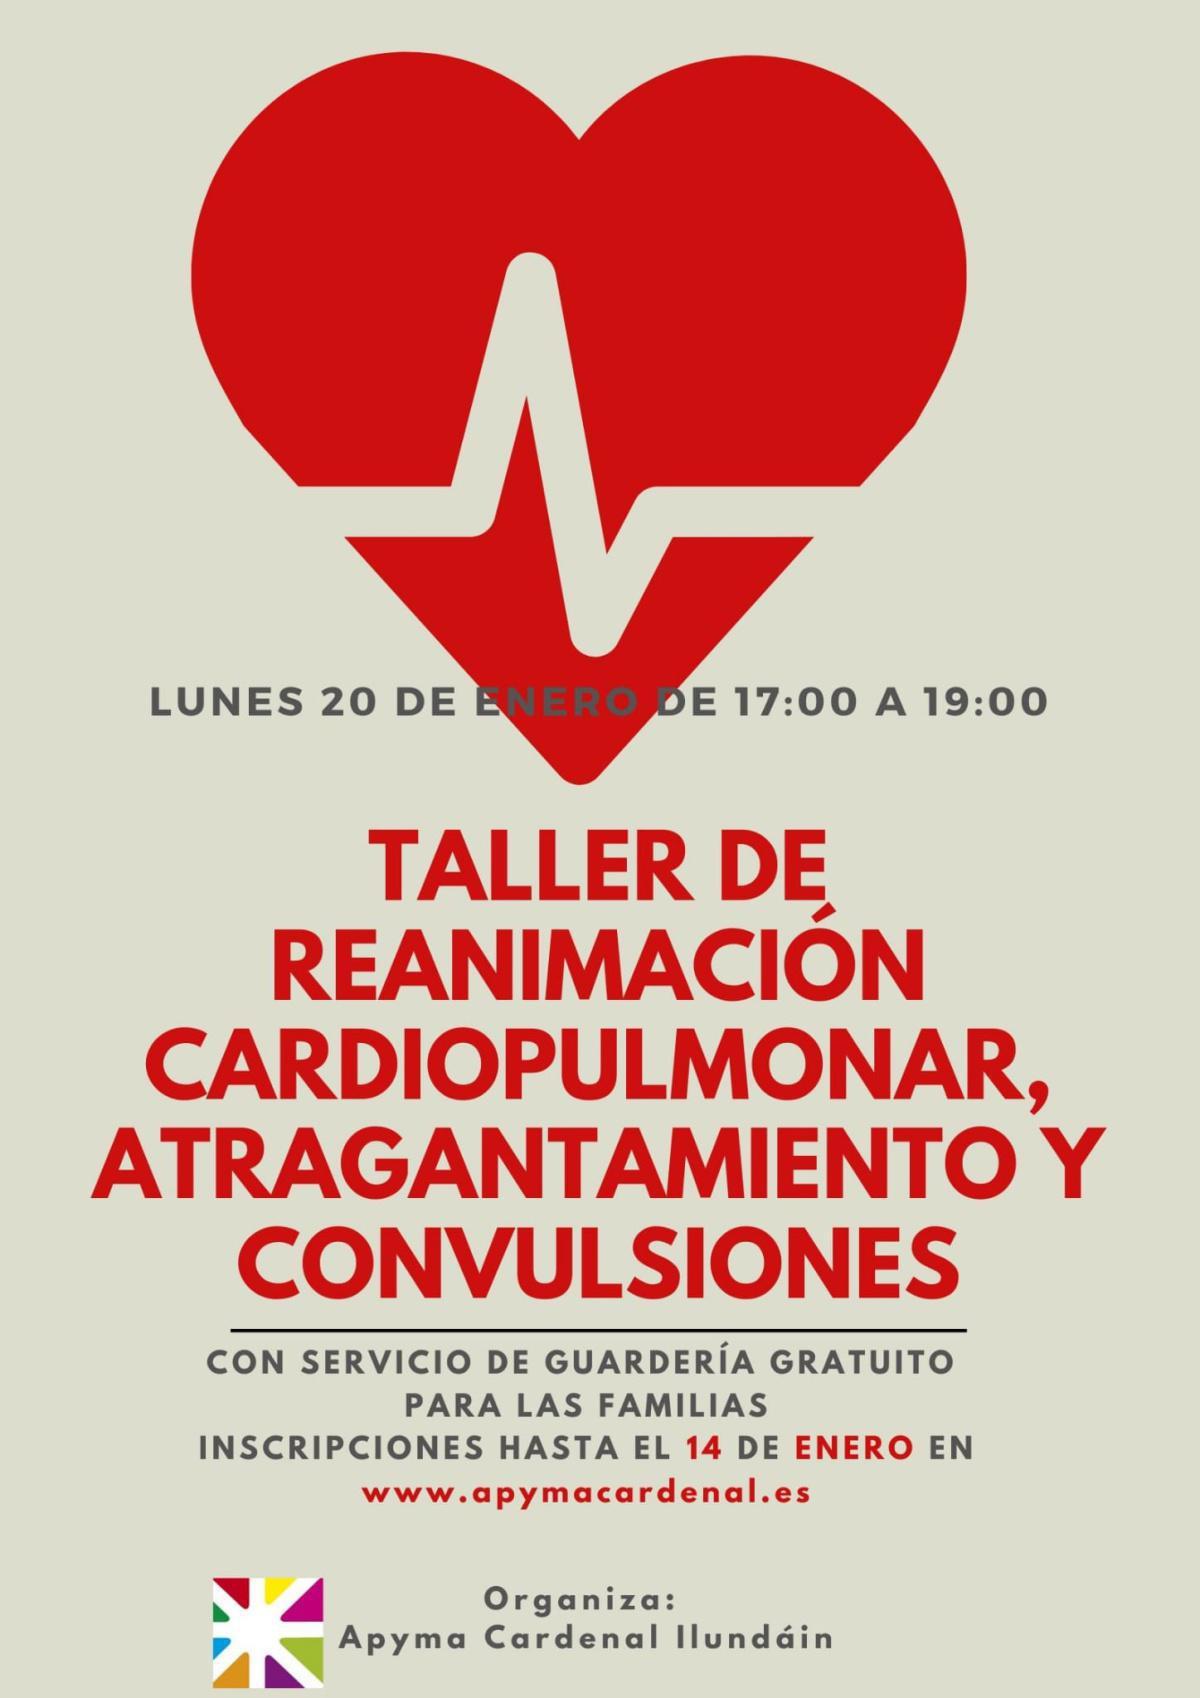 Taller de reanimación cardiovascular, atragantamiento y convulsiones